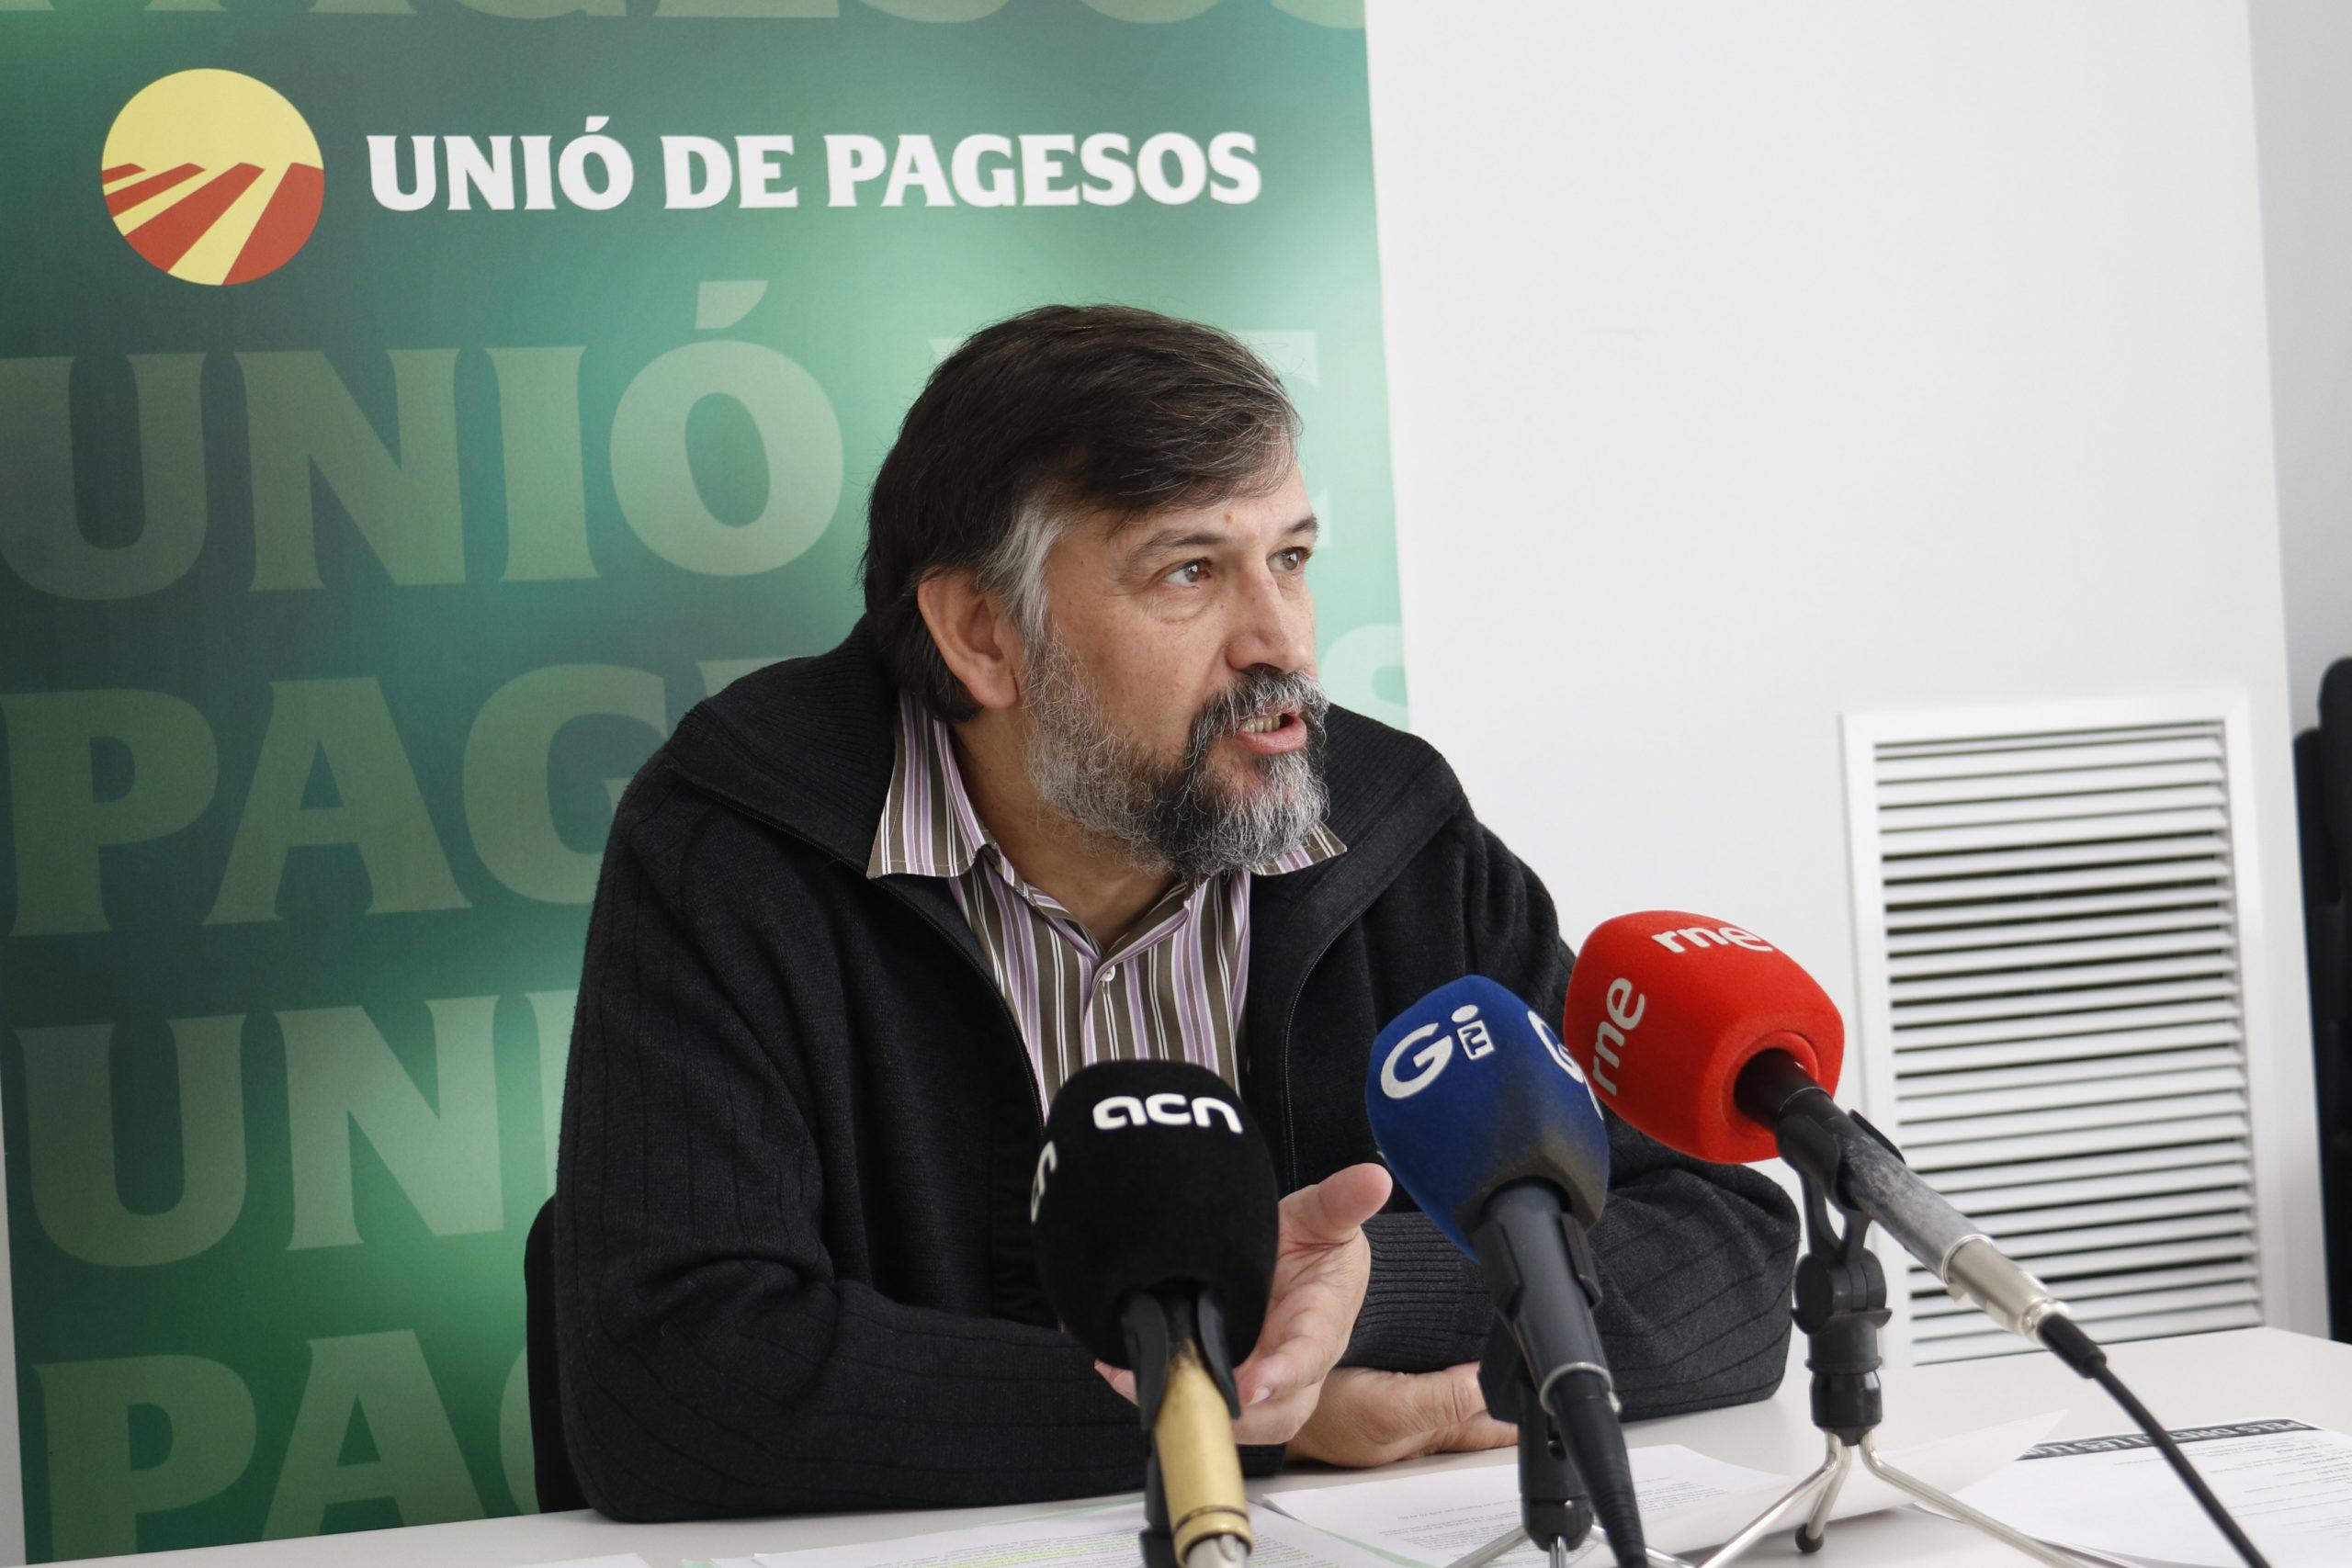 El coordinador nacional d'Unió de Pagesos, Joan Caball | ACN